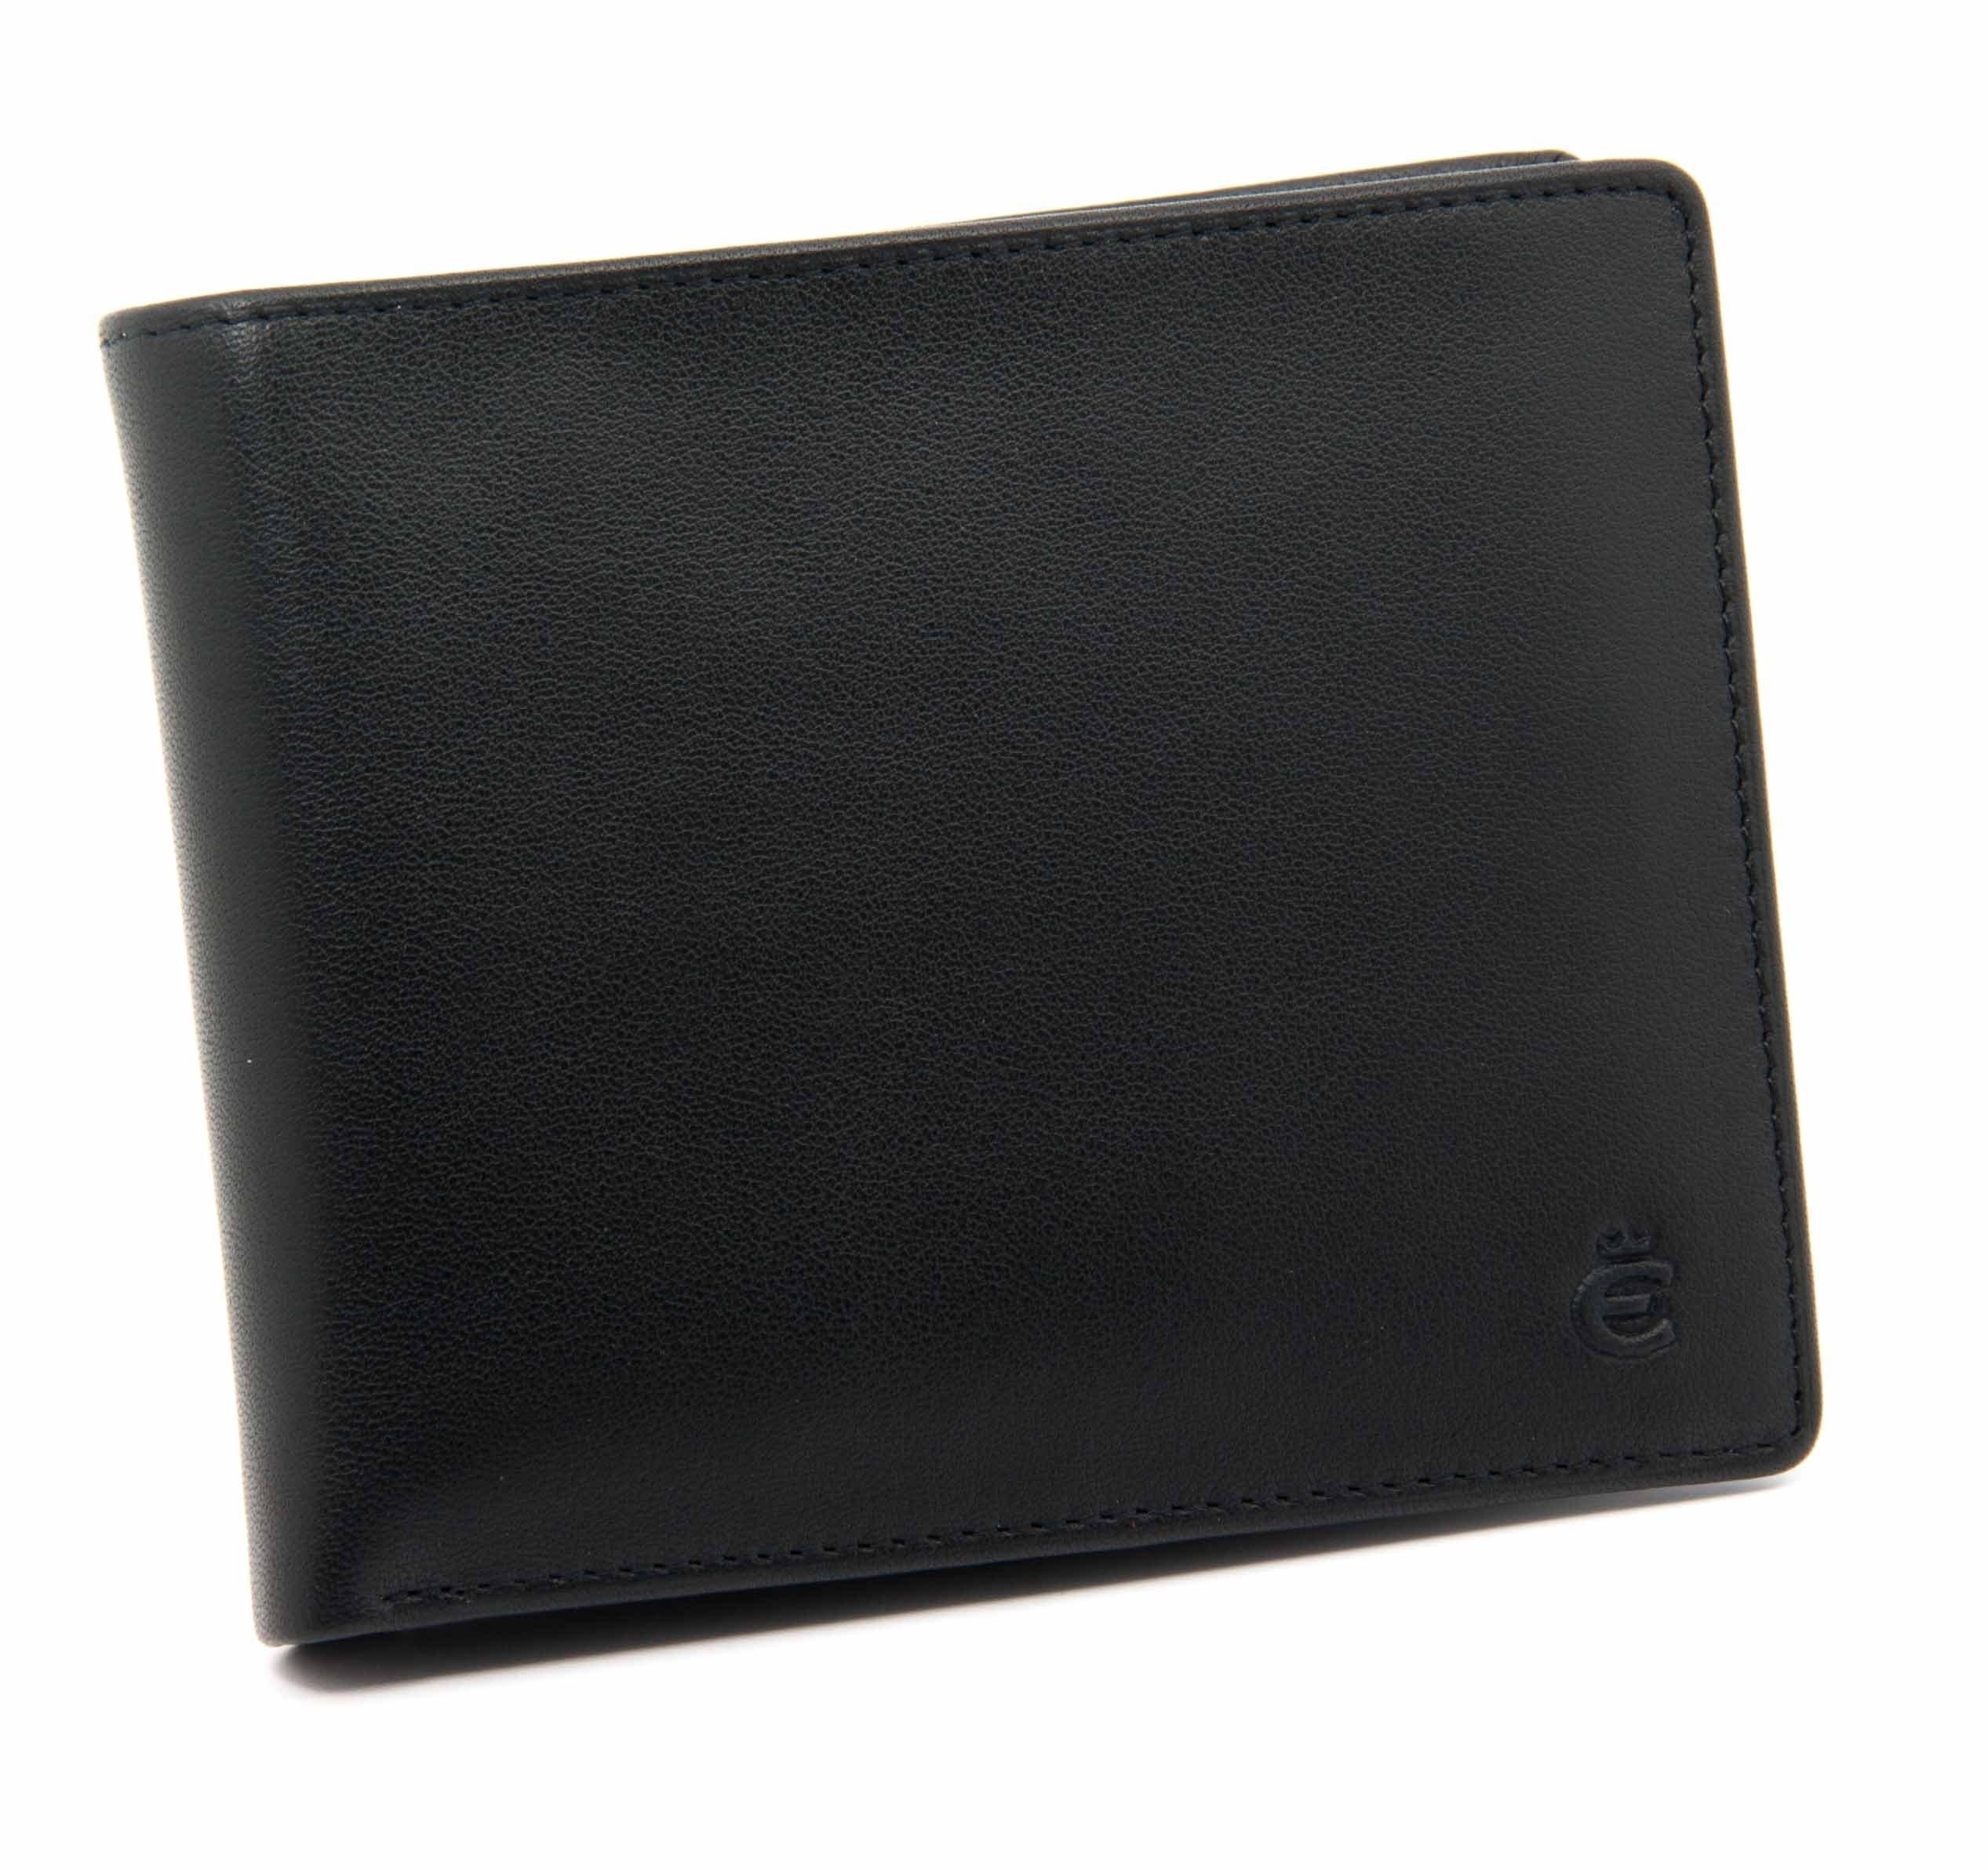 Esquire Handtaschen Taschen 22951000 schwarz Schwarz FZRnW